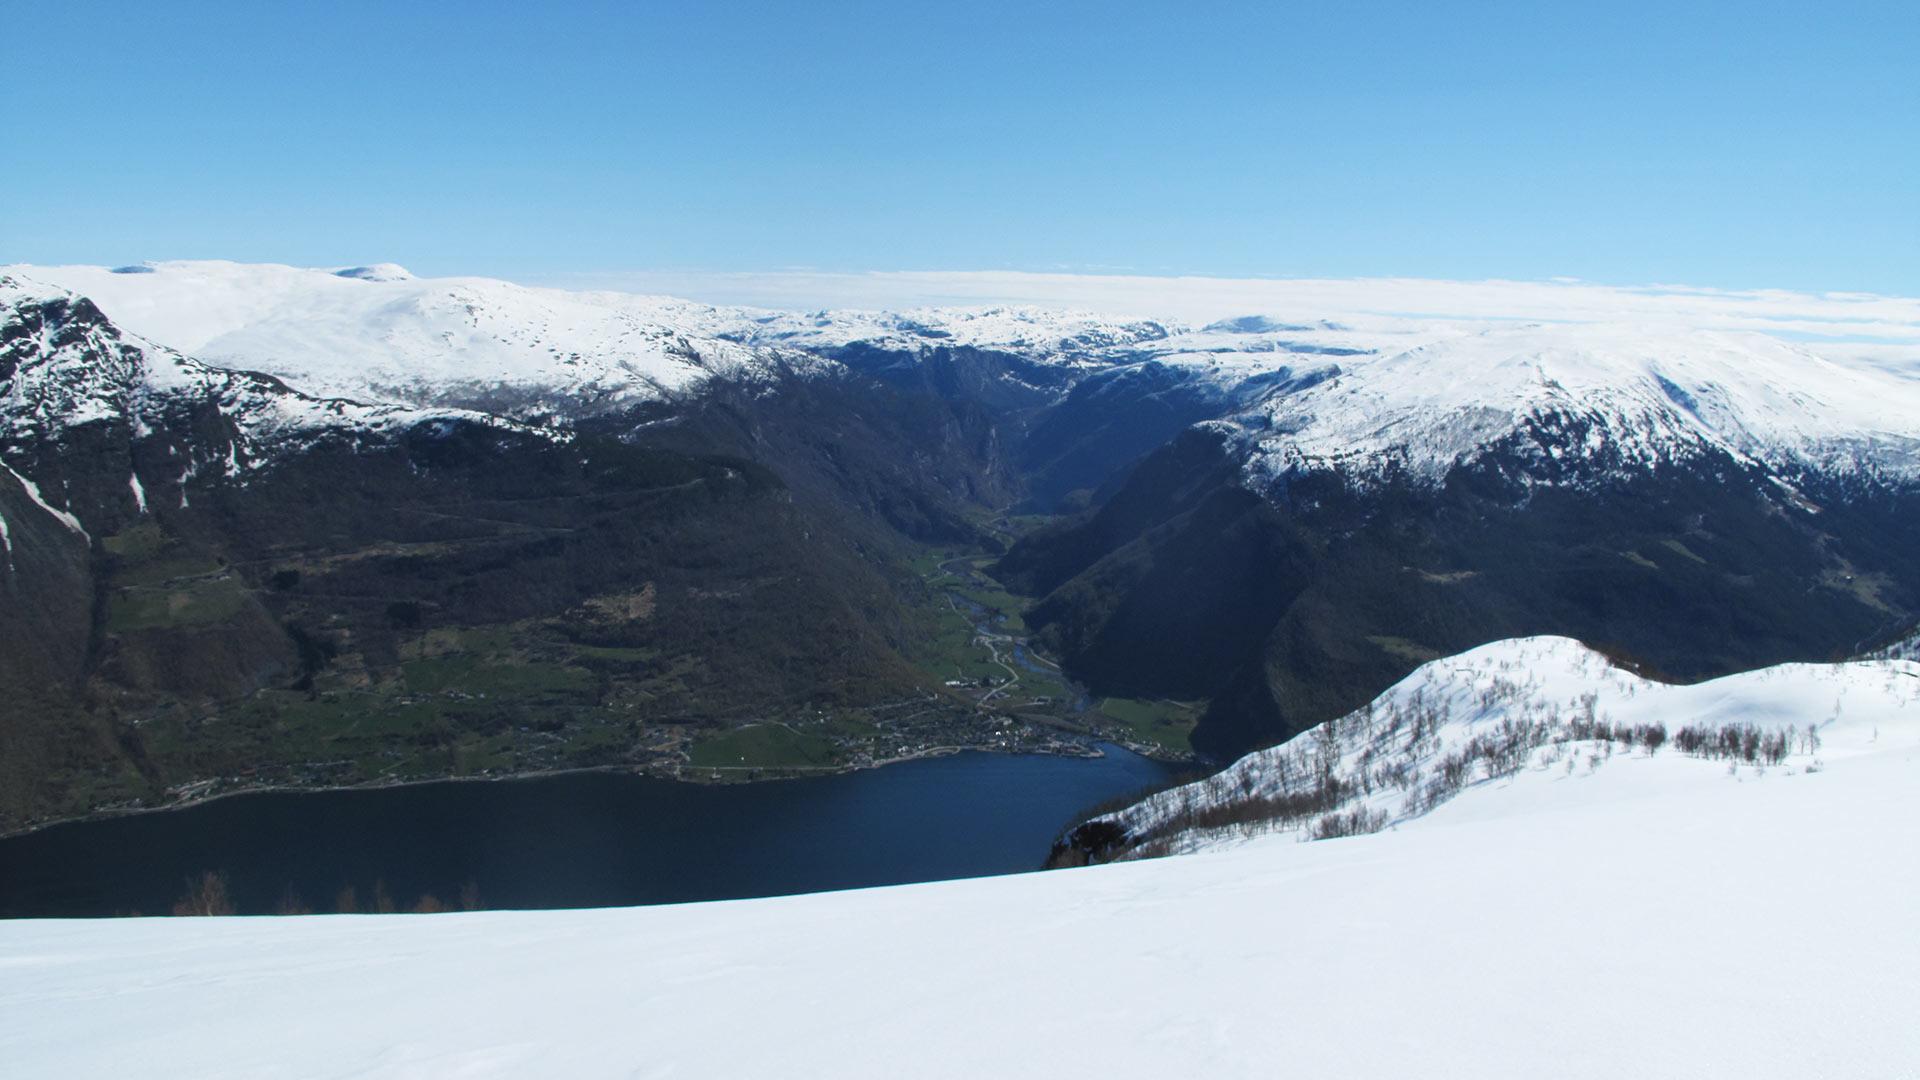 Utsikt over snøkledt fjell.